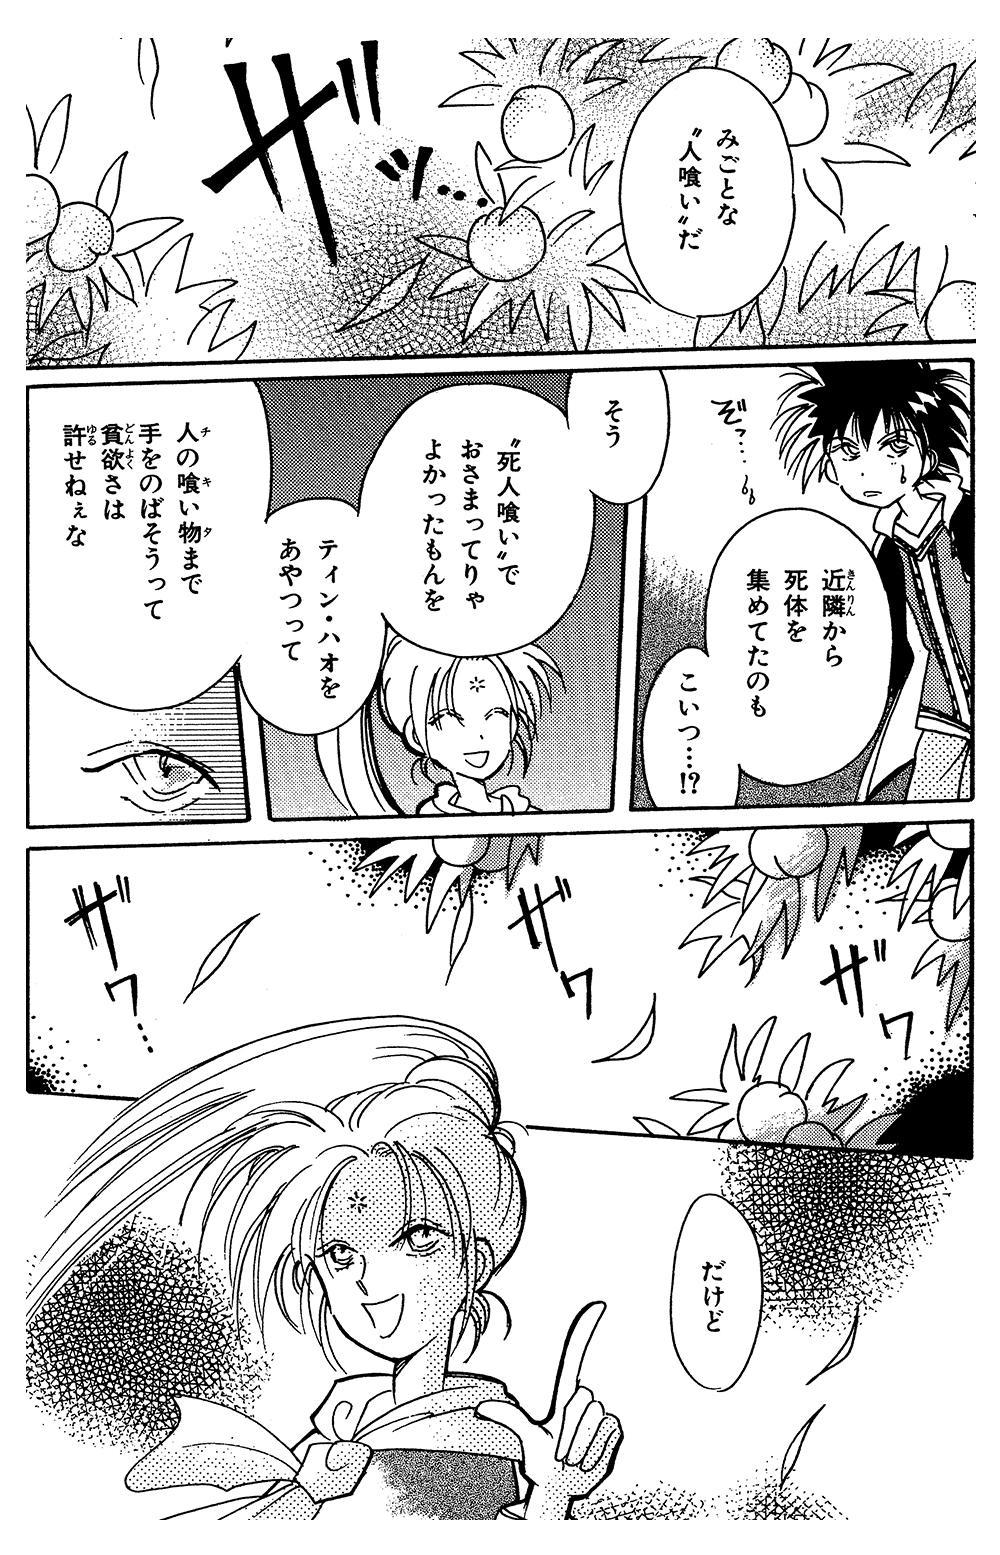 chikita2-2-5.jpg